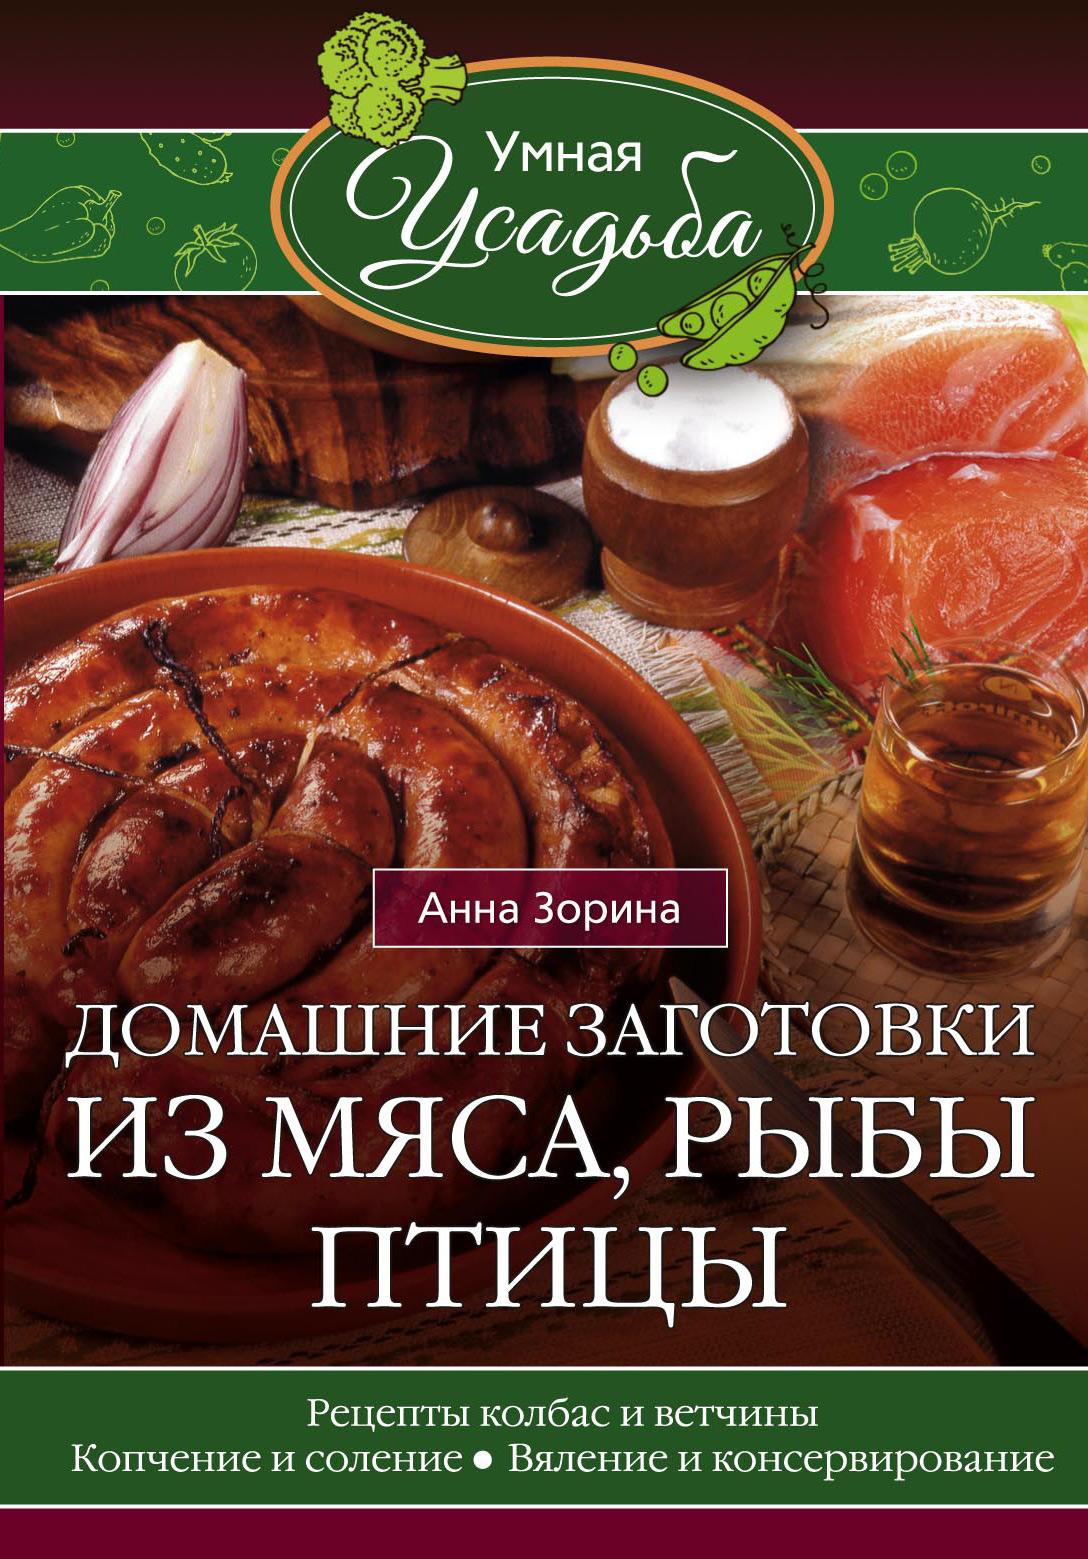 Анна Зорина Домашние заготовки из мяса, рыбы, птицы. Рецепты колбас и ветчины, копчение и соление, вяление и консервирование цена